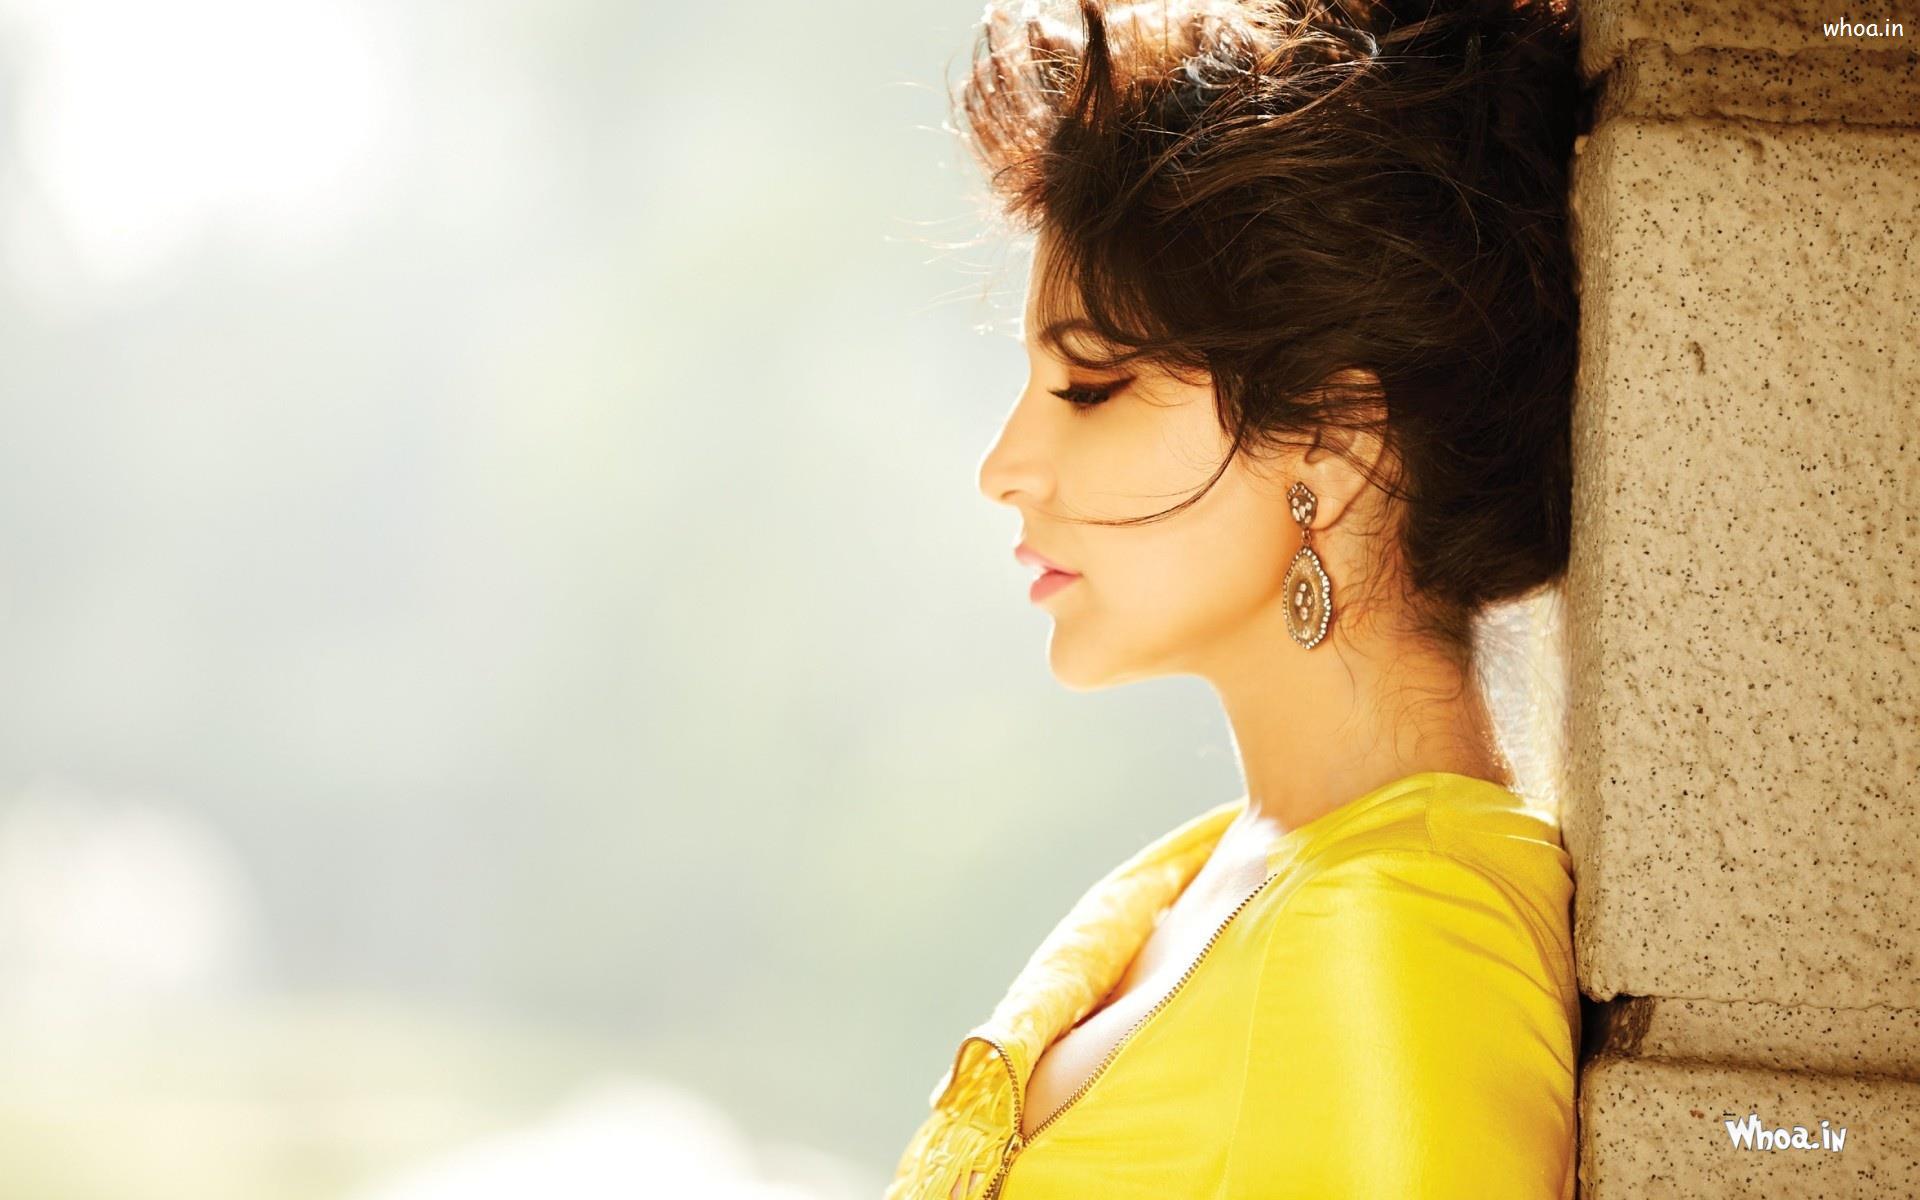 anushka sharma yellow dress filmfare magazine hd wallpaper